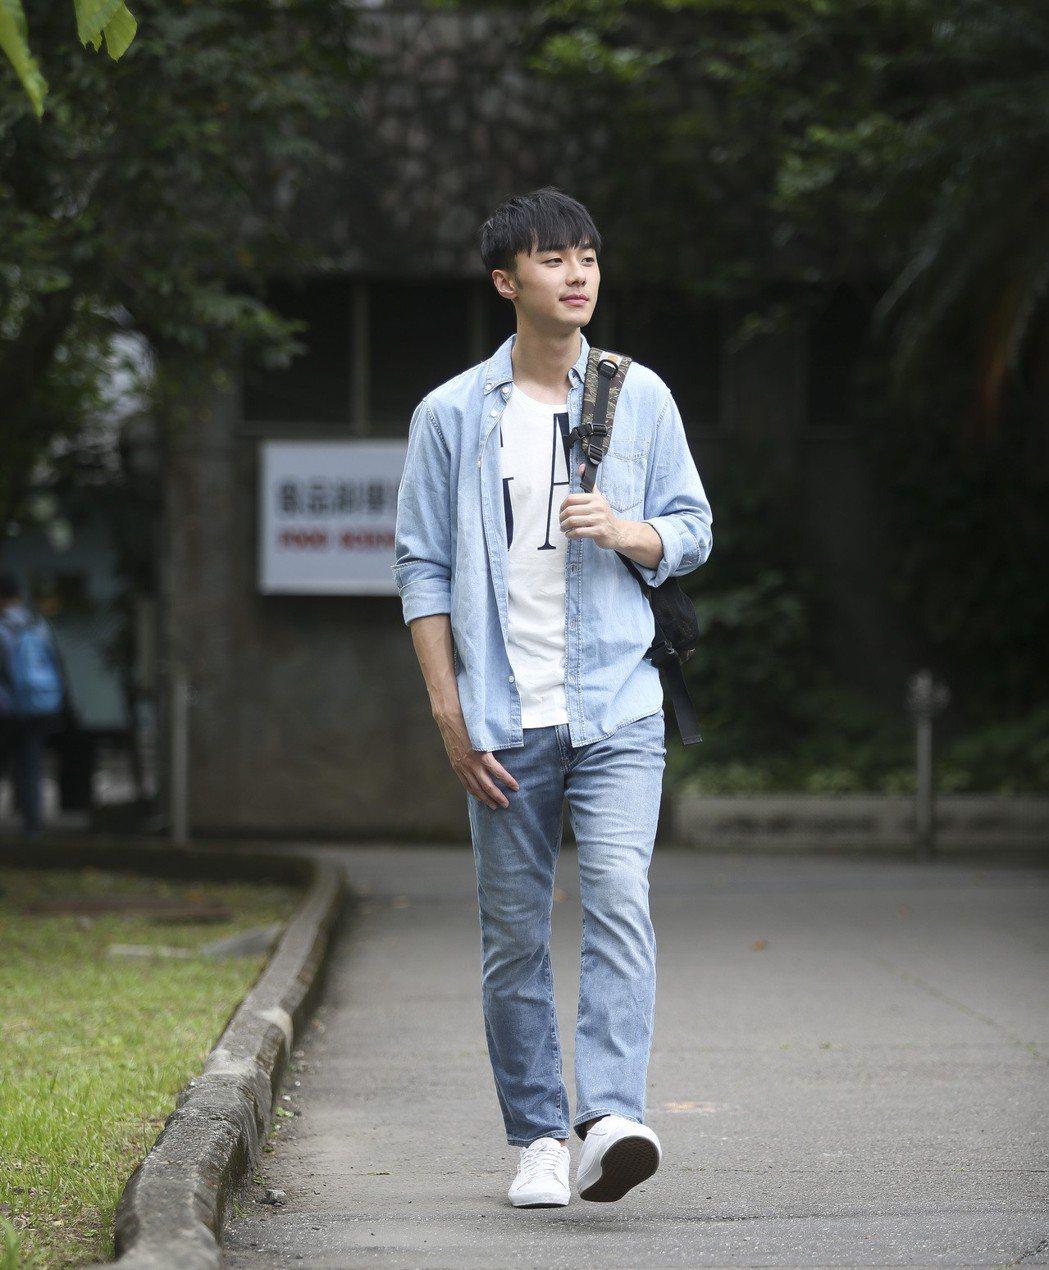 儘管學生藝人身分辛苦,施柏宇仍堅持讀完大學。記者楊萬雲/攝影